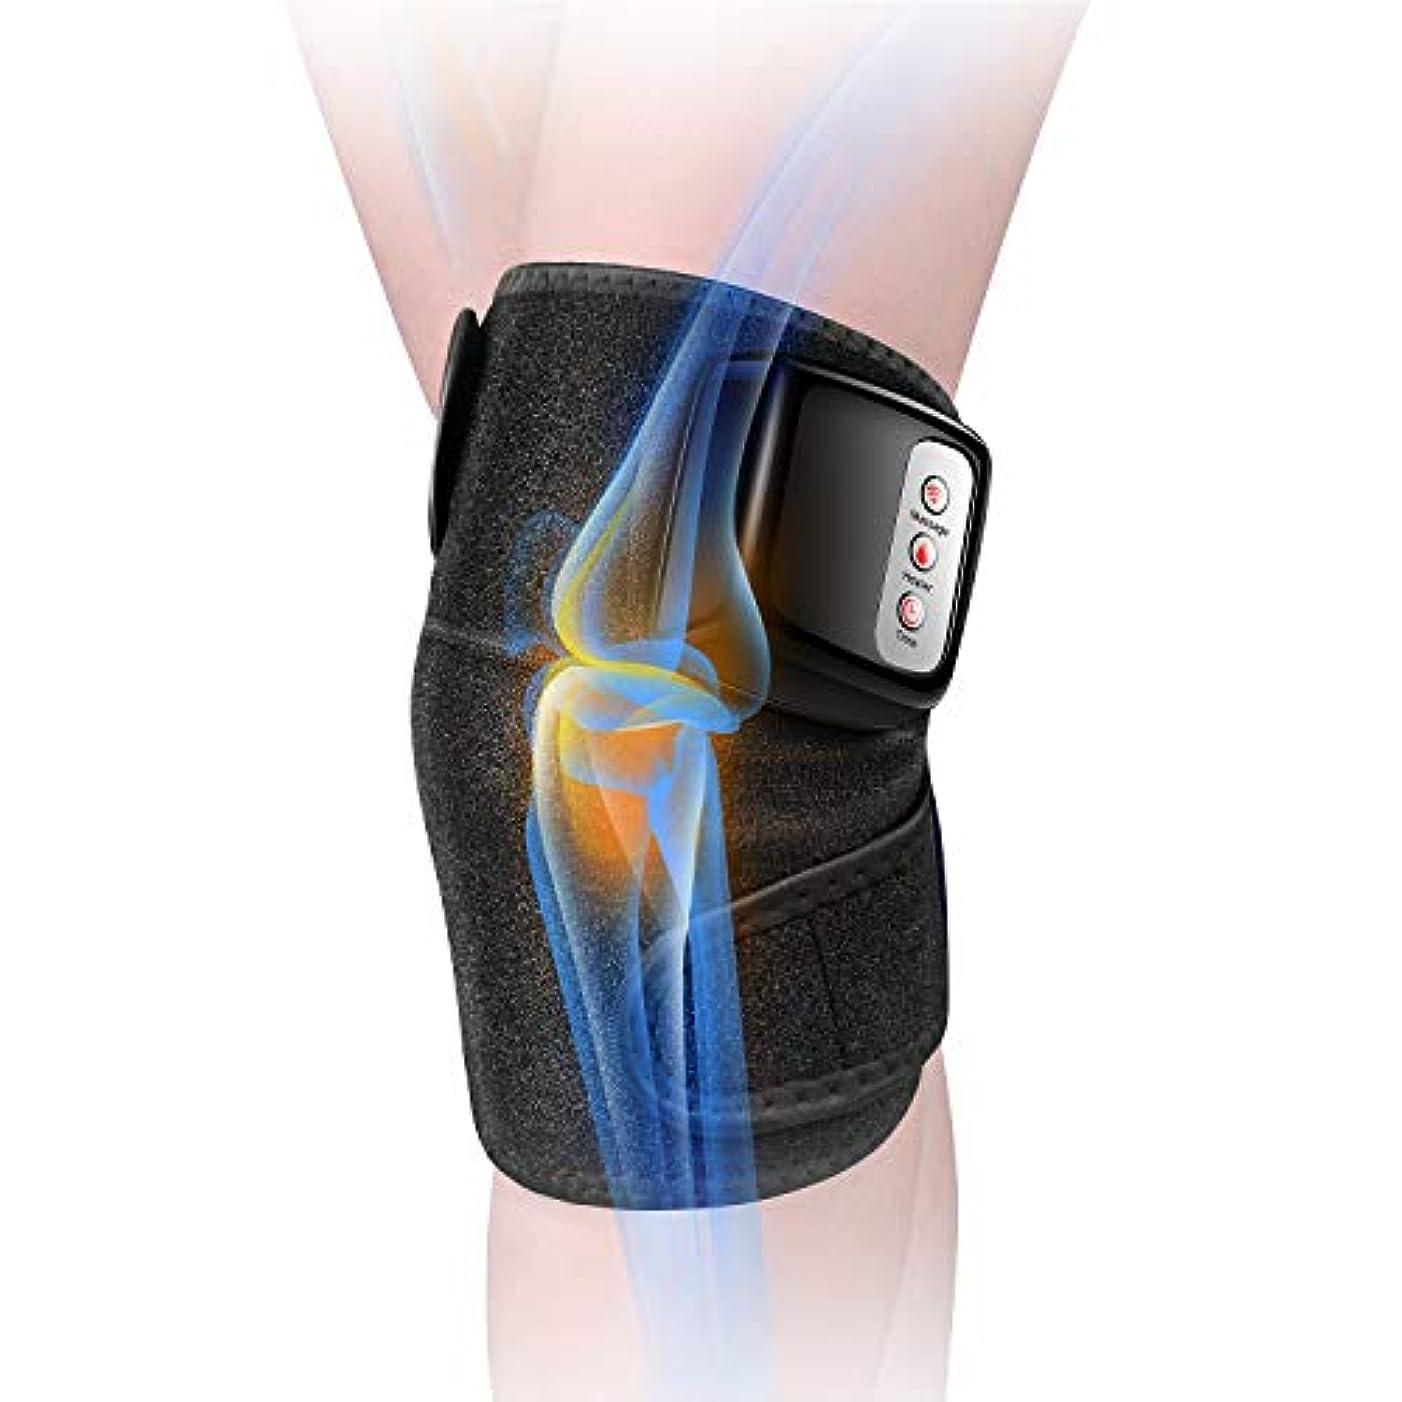 考古学広範囲常習者膝マッサージャー 関節マッサージャー マッサージ器 フットマッサージャー 振動 赤外線療法 温熱療法 膝サポーター ストレス解消 肩 太もも/腕対応